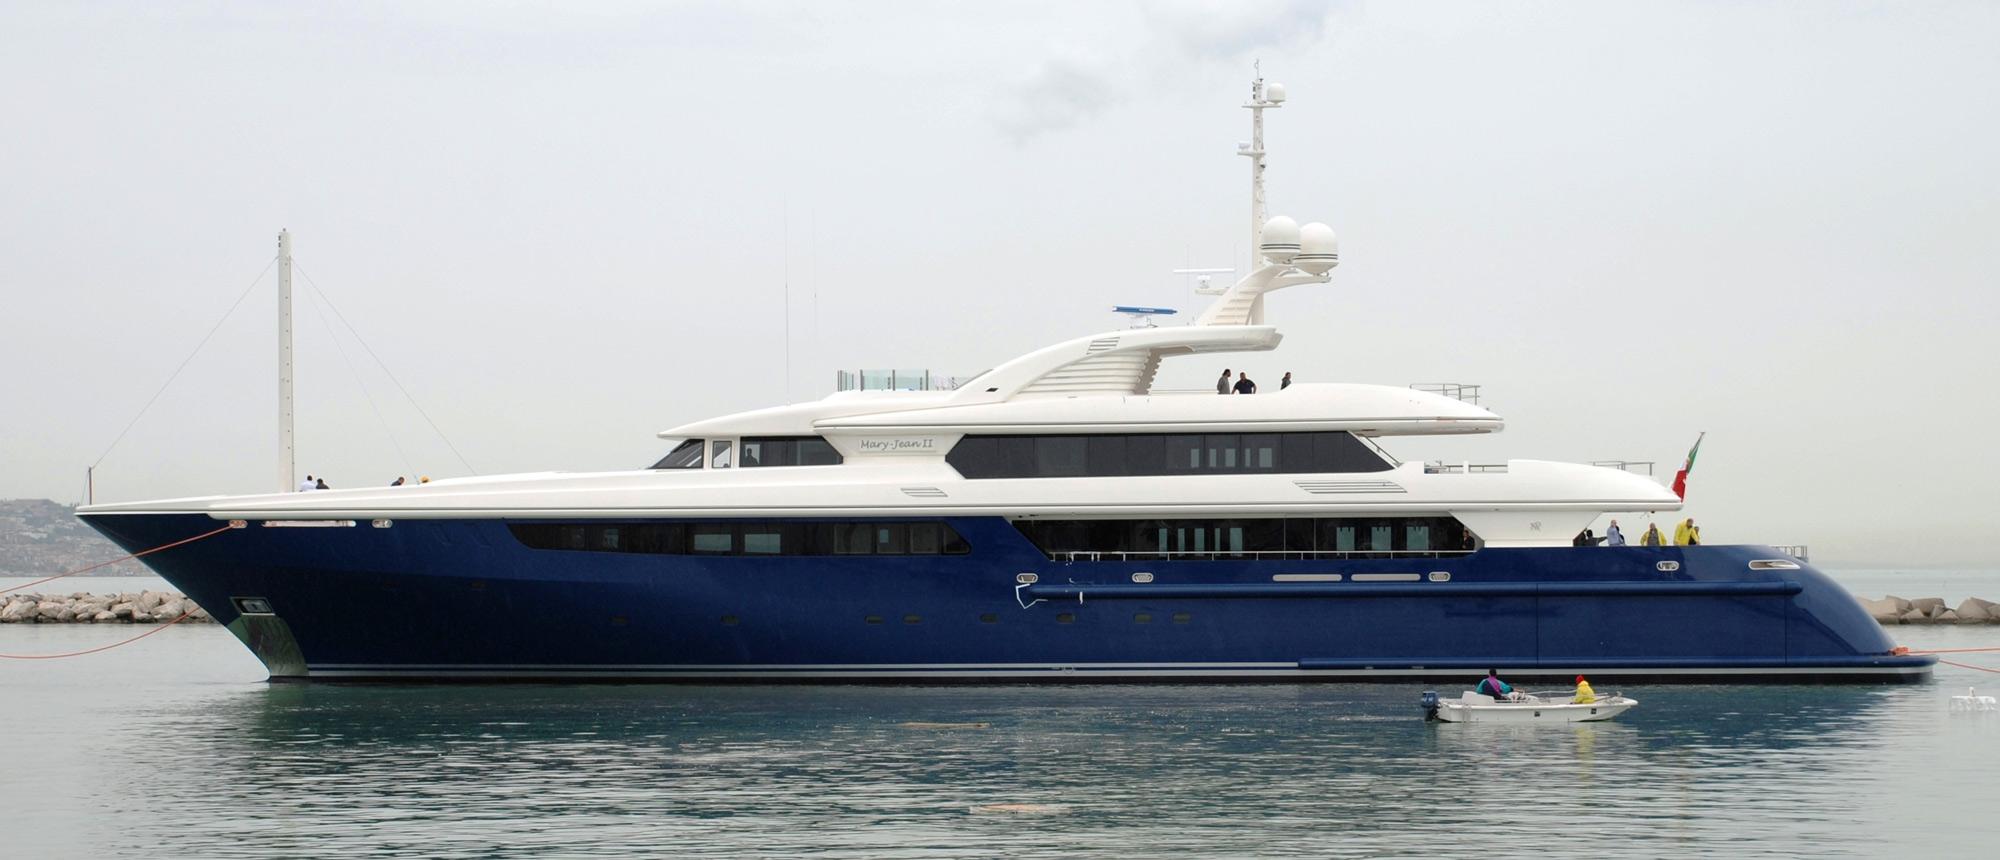 Yacht - ISA-600_01-Mary-Jean-II